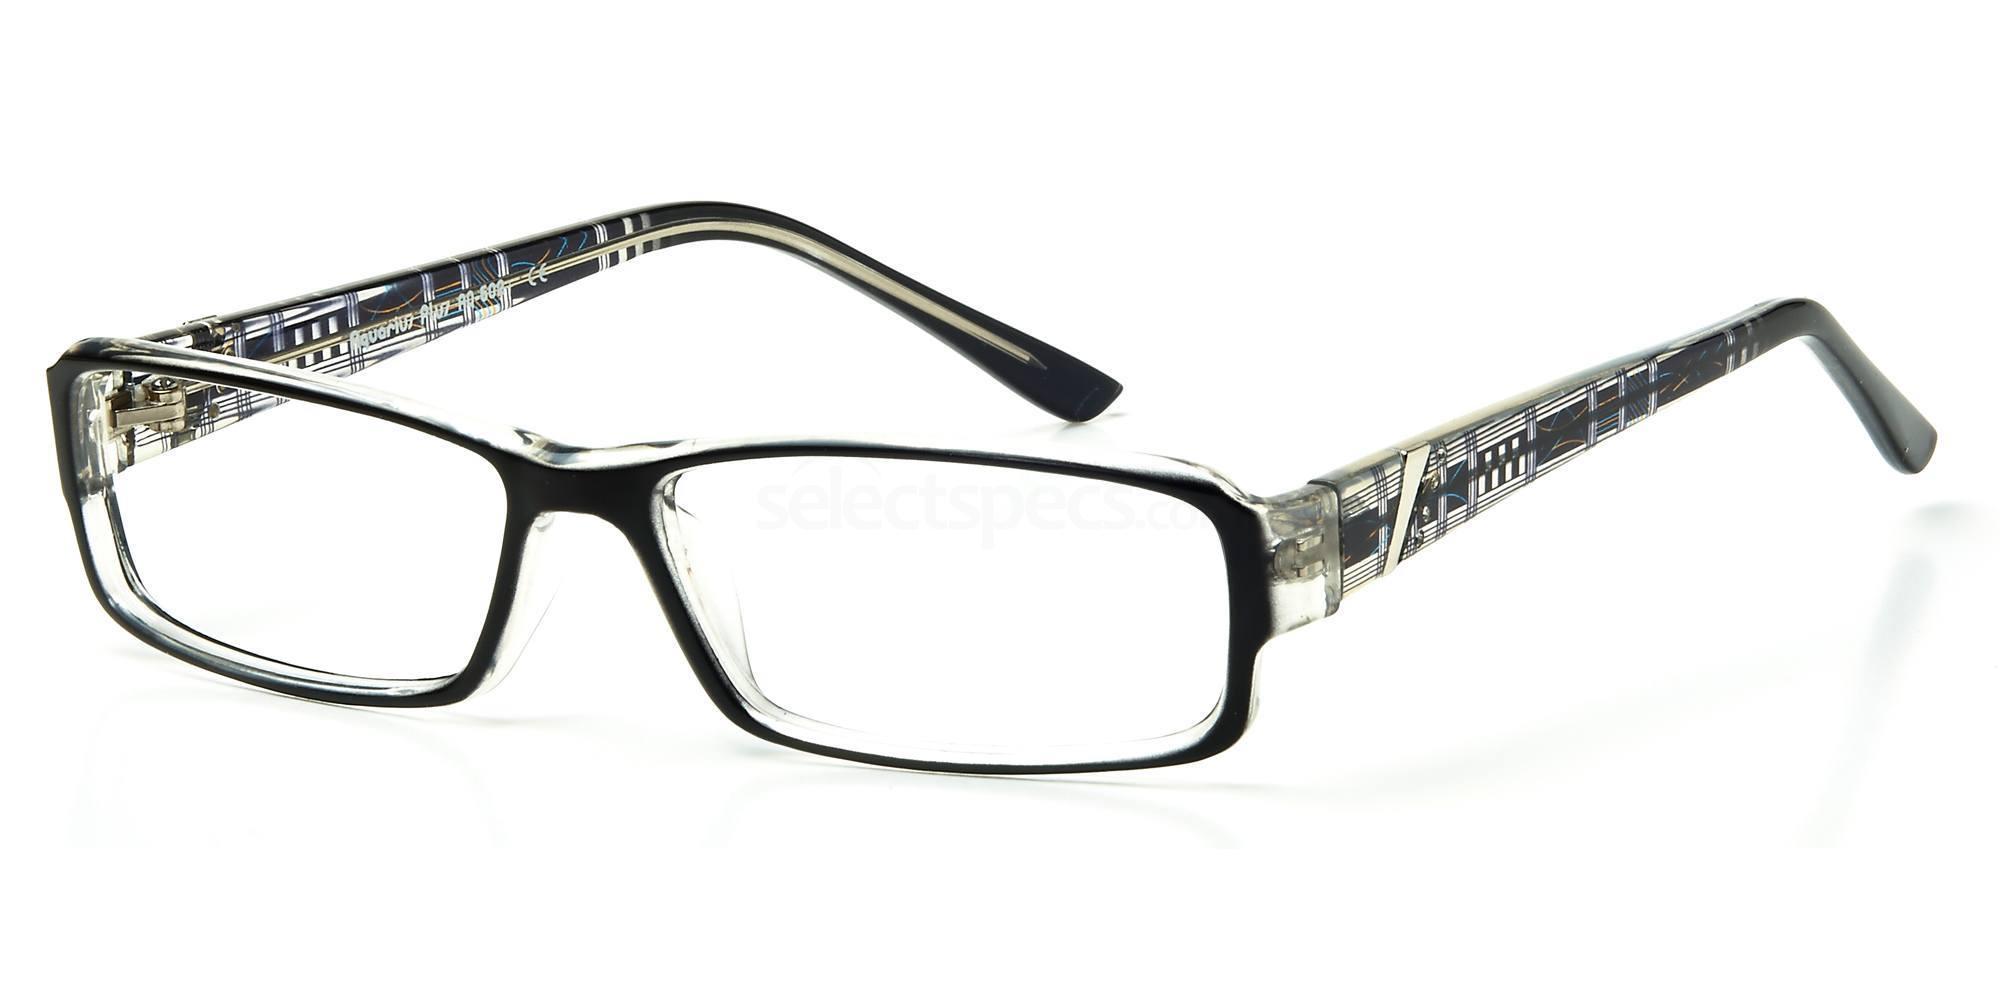 C1 AQ+502 Glasses, Aquarius+